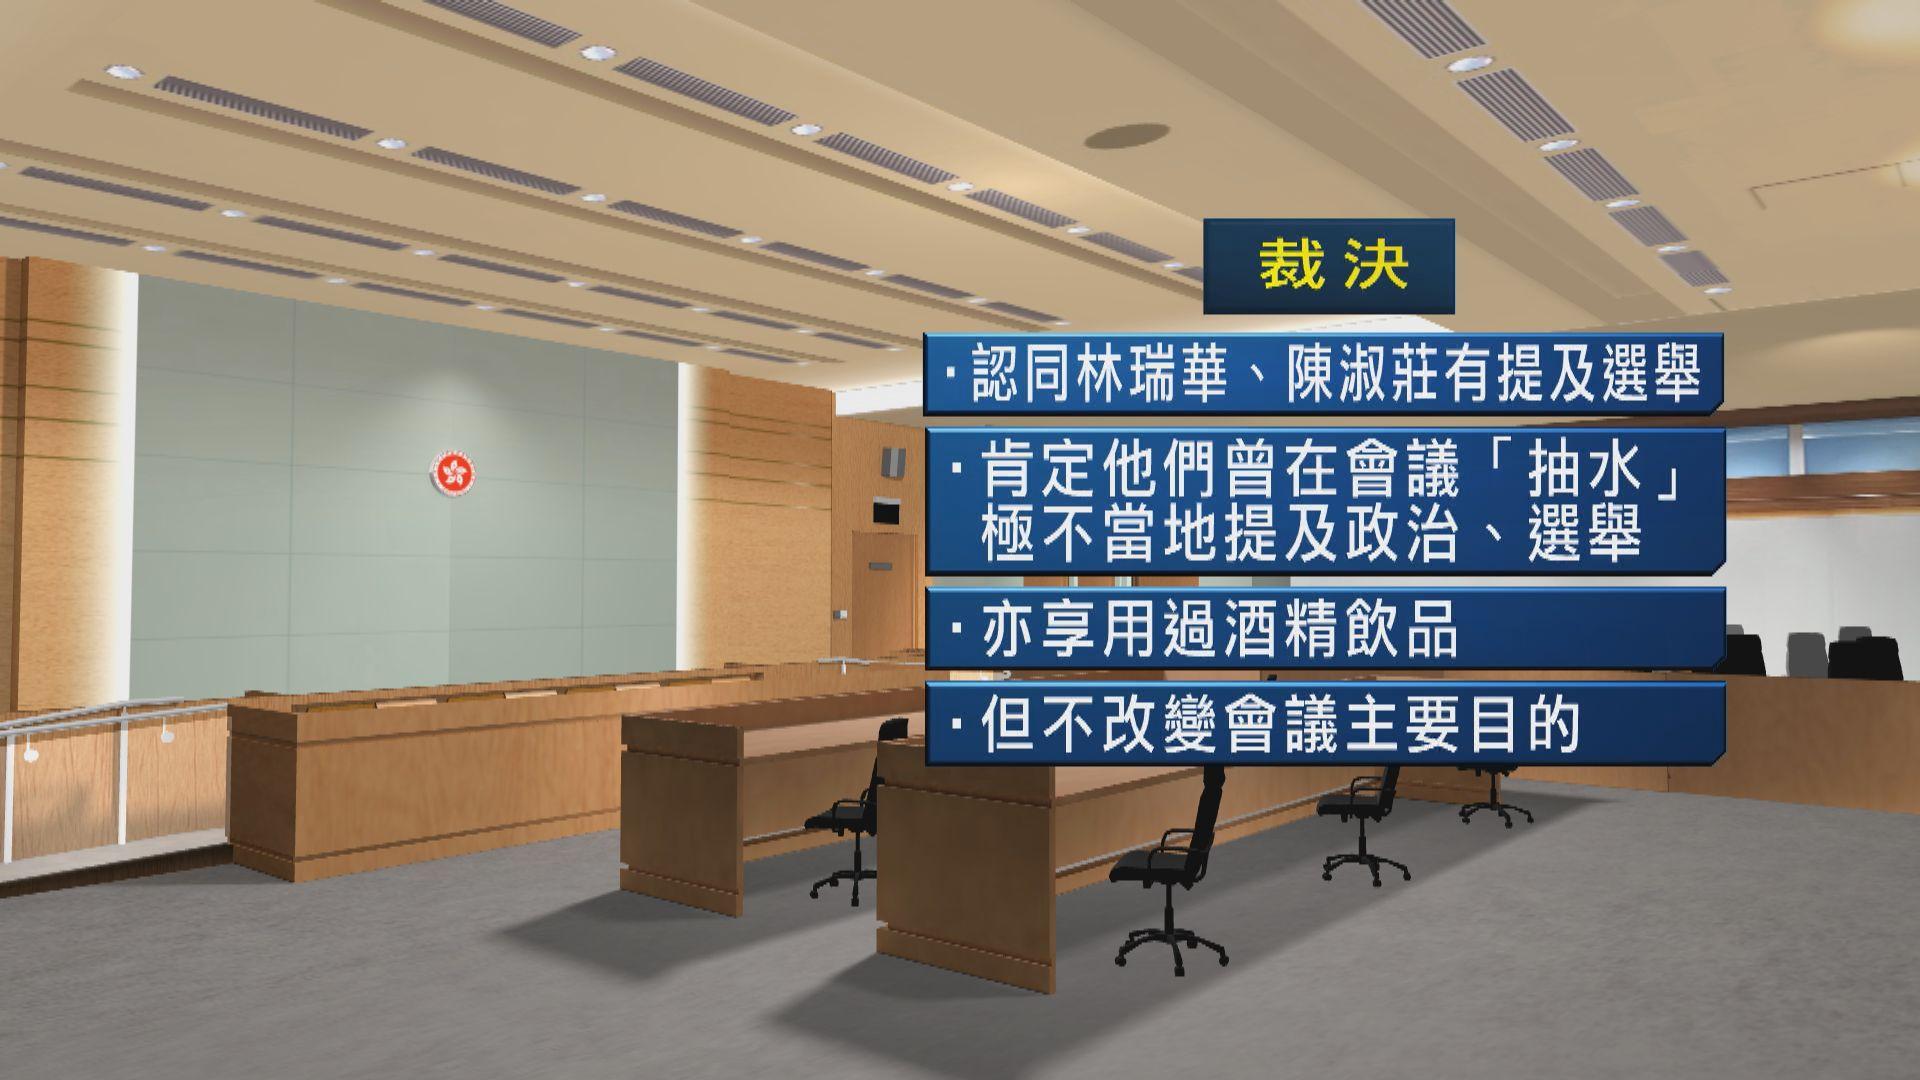 陳淑莊等三人違限聚令脫罪 裁判官不追究證人曾拒出庭